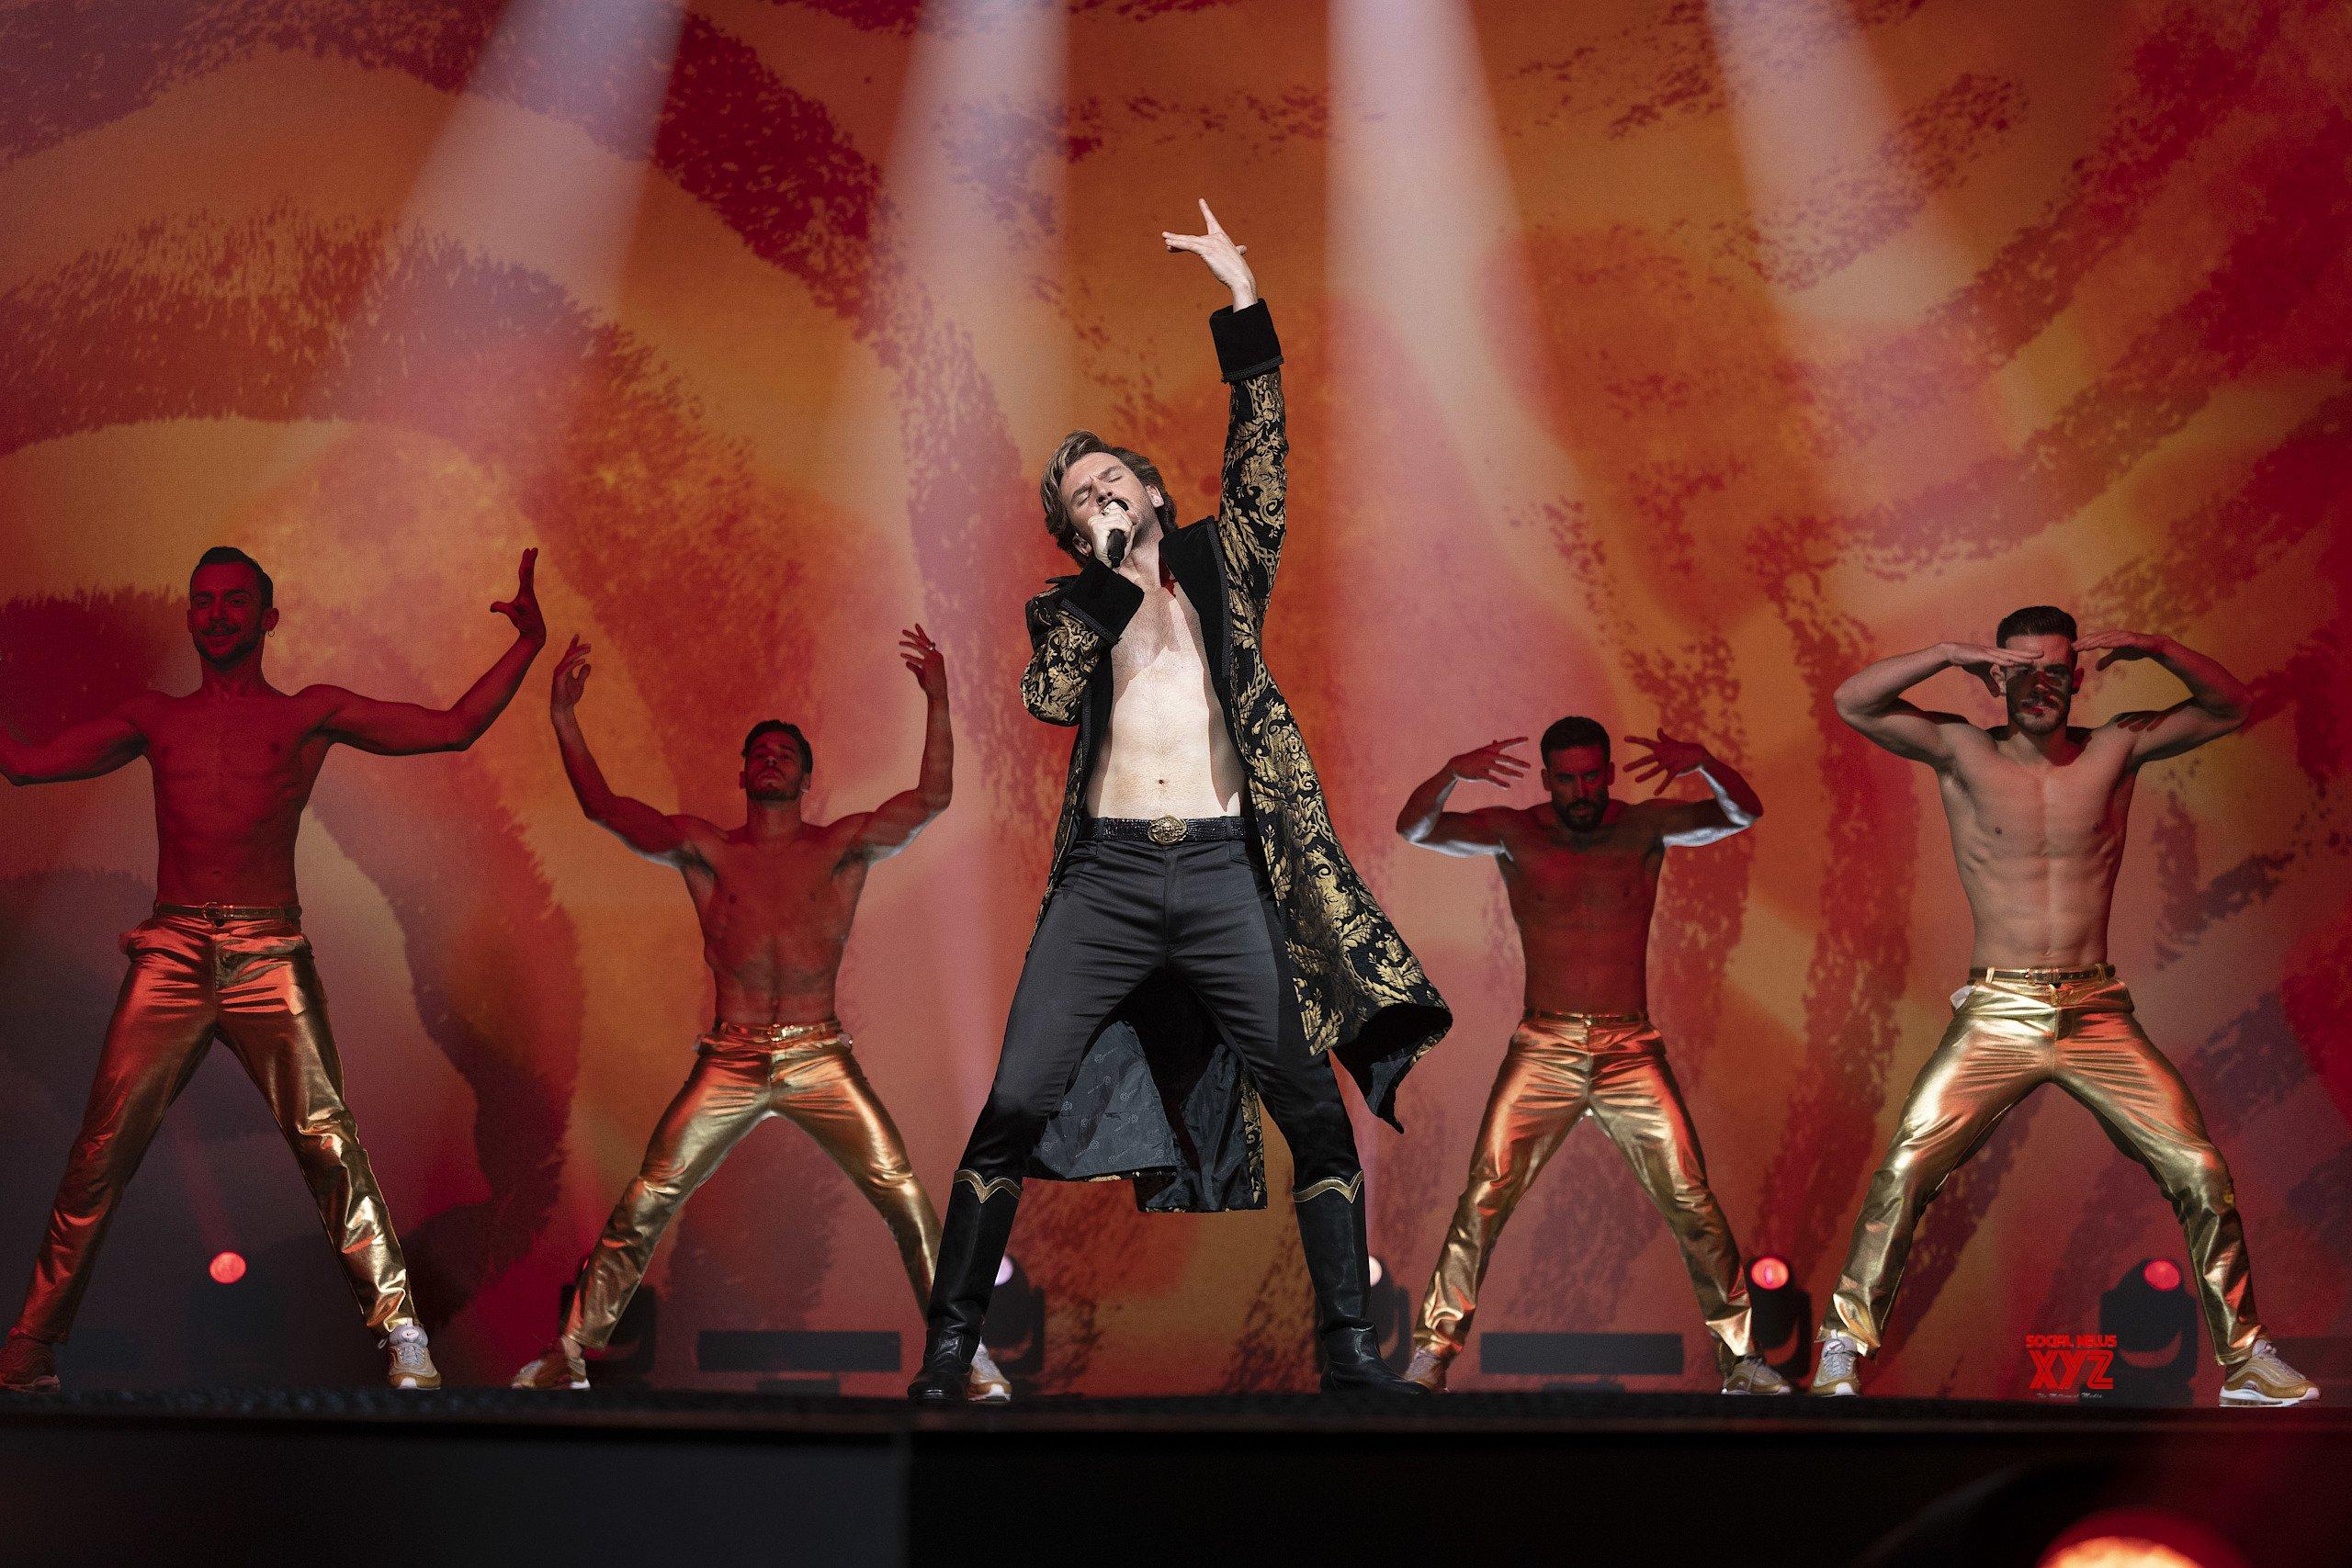 Евровидение: История огненной саги, кадр № 5